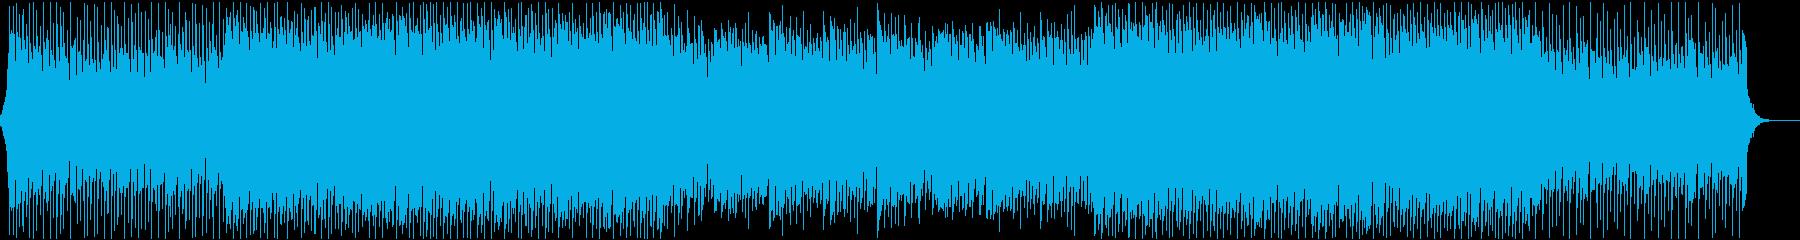 企業VP・綺麗・製品紹介・ITの再生済みの波形